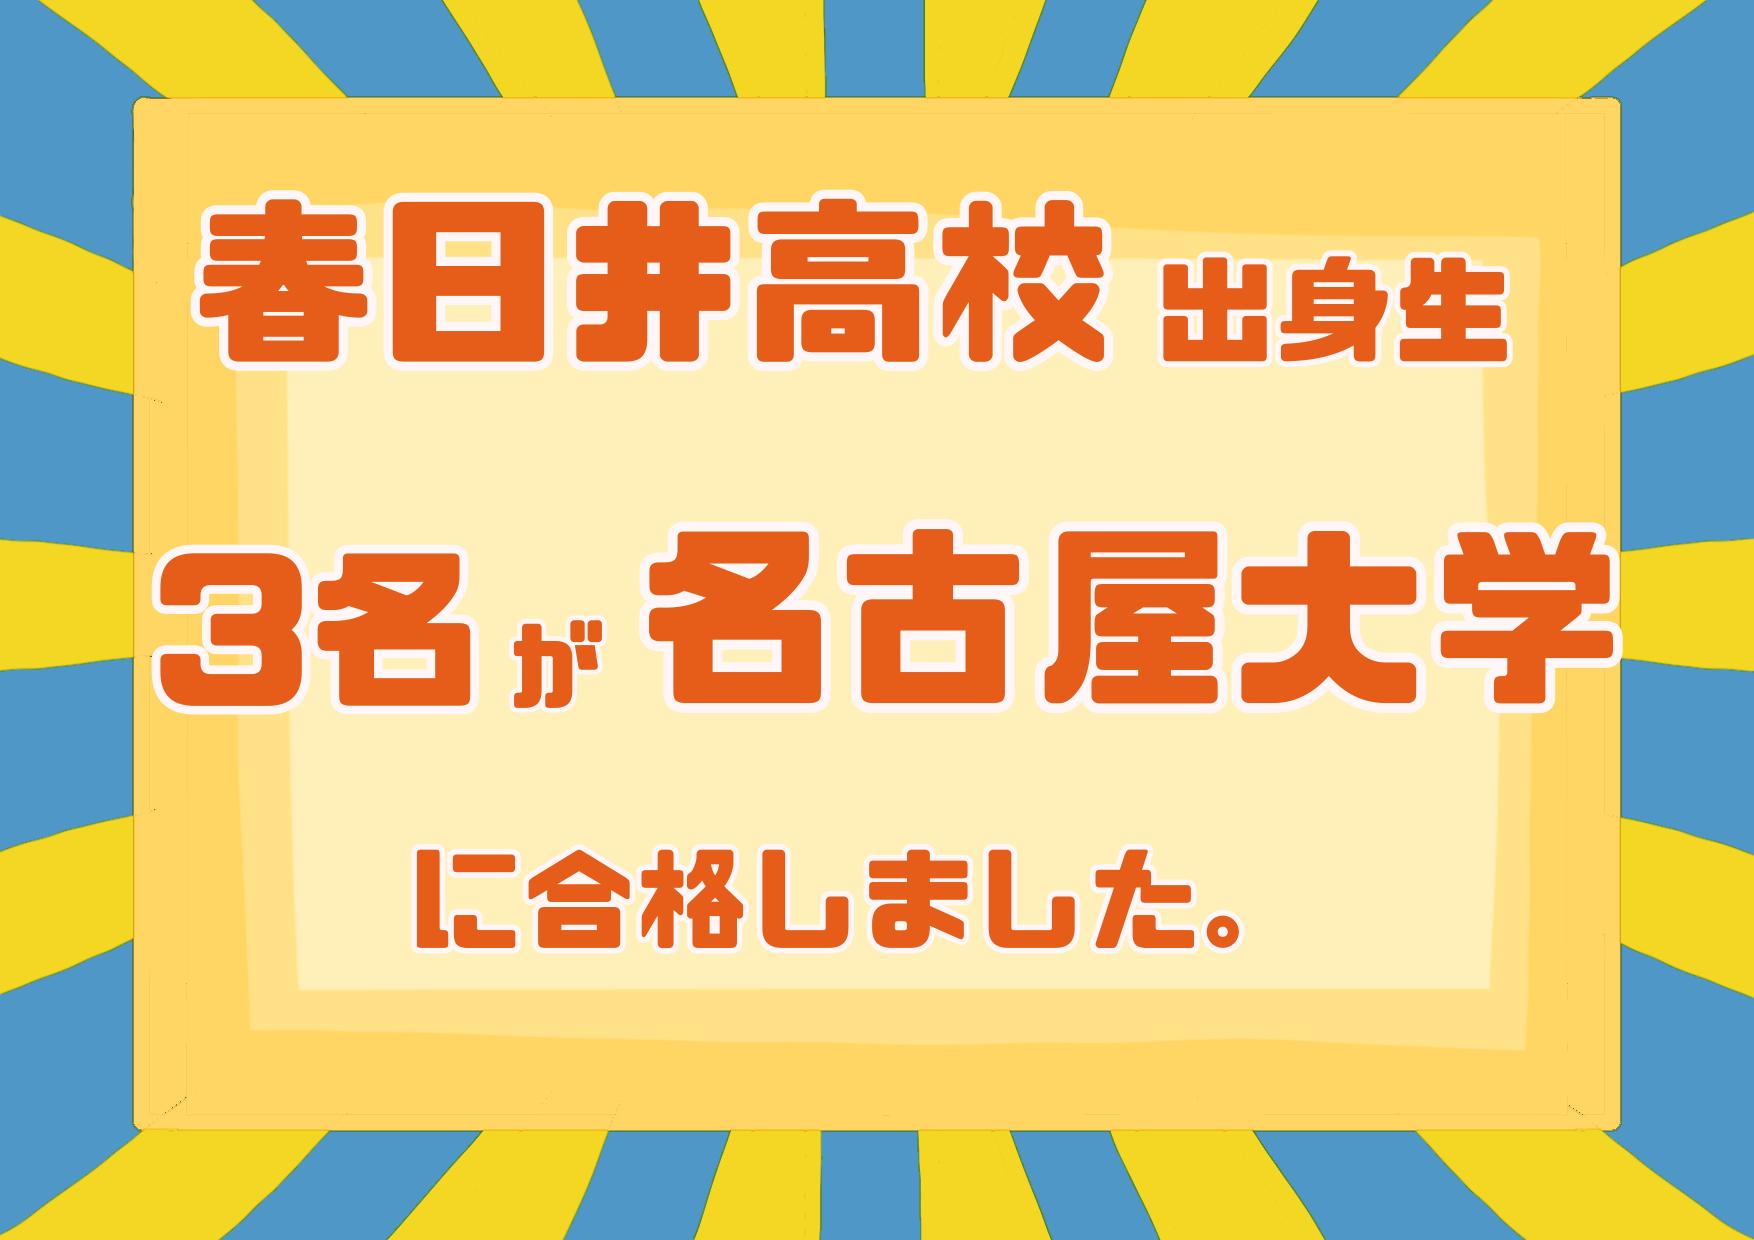 春日井高校から名古屋大学に3名が現役合格